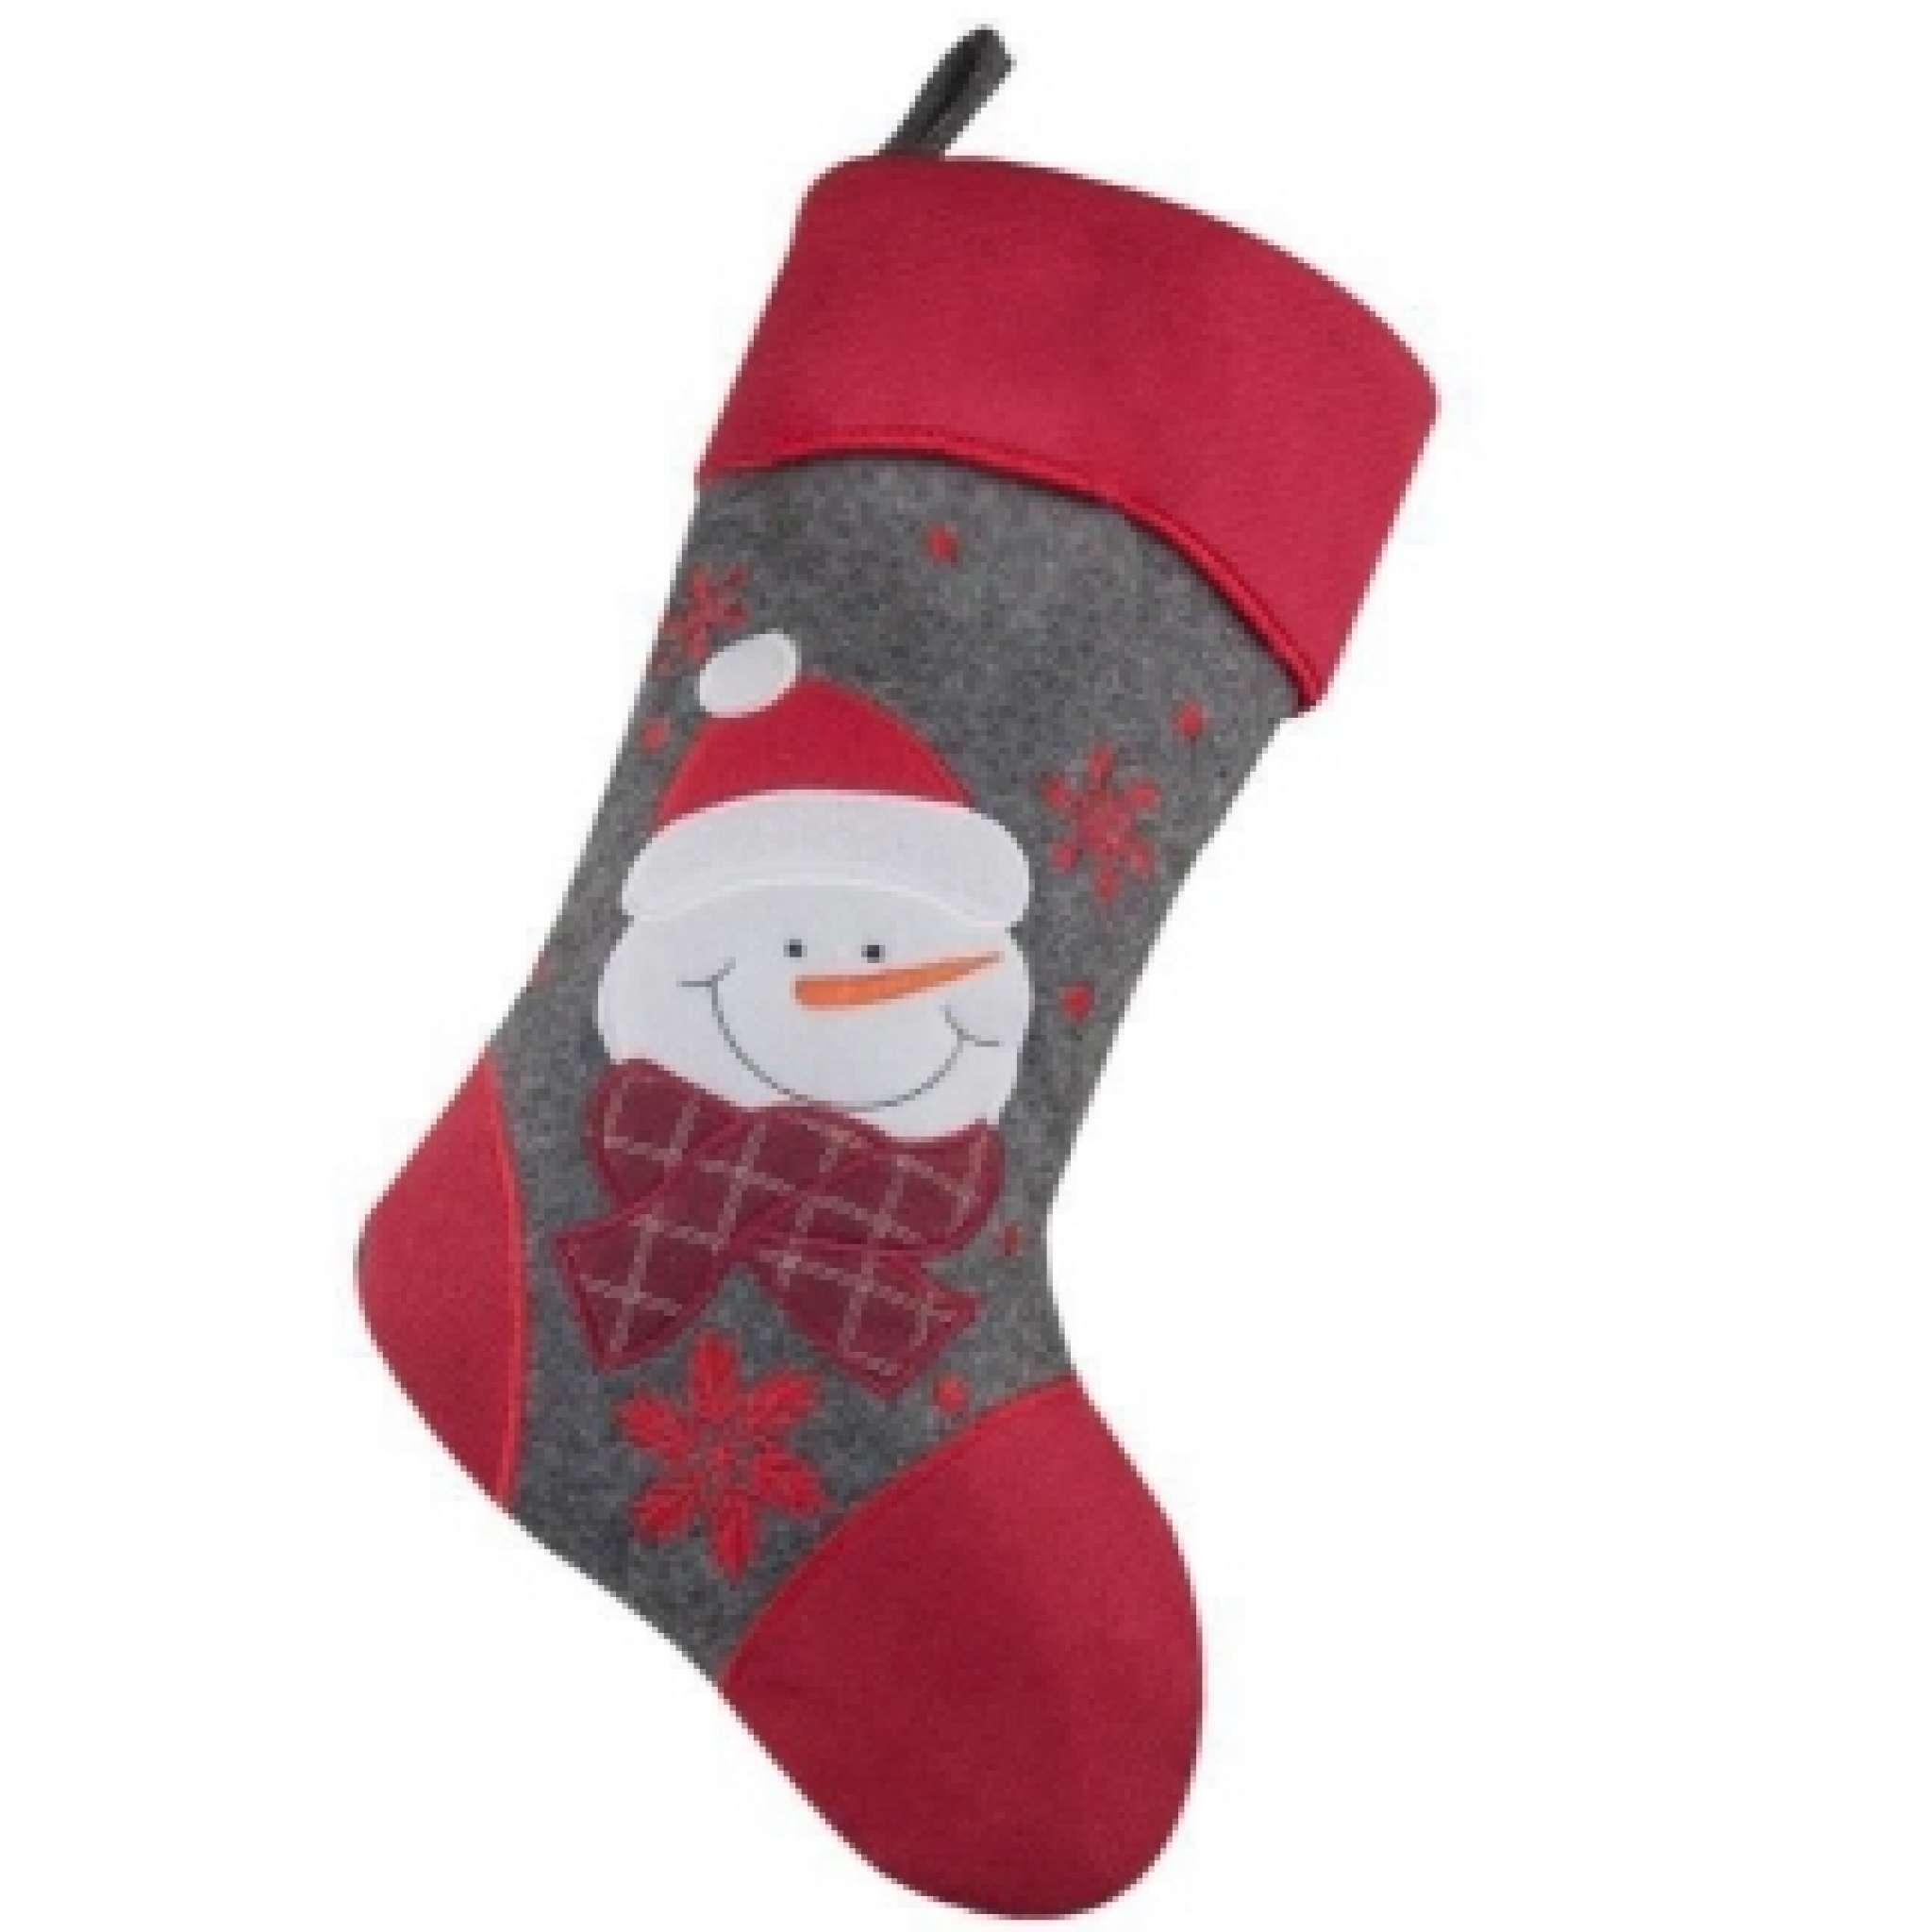 Julestrømpe Premium, Snømann, rød tå